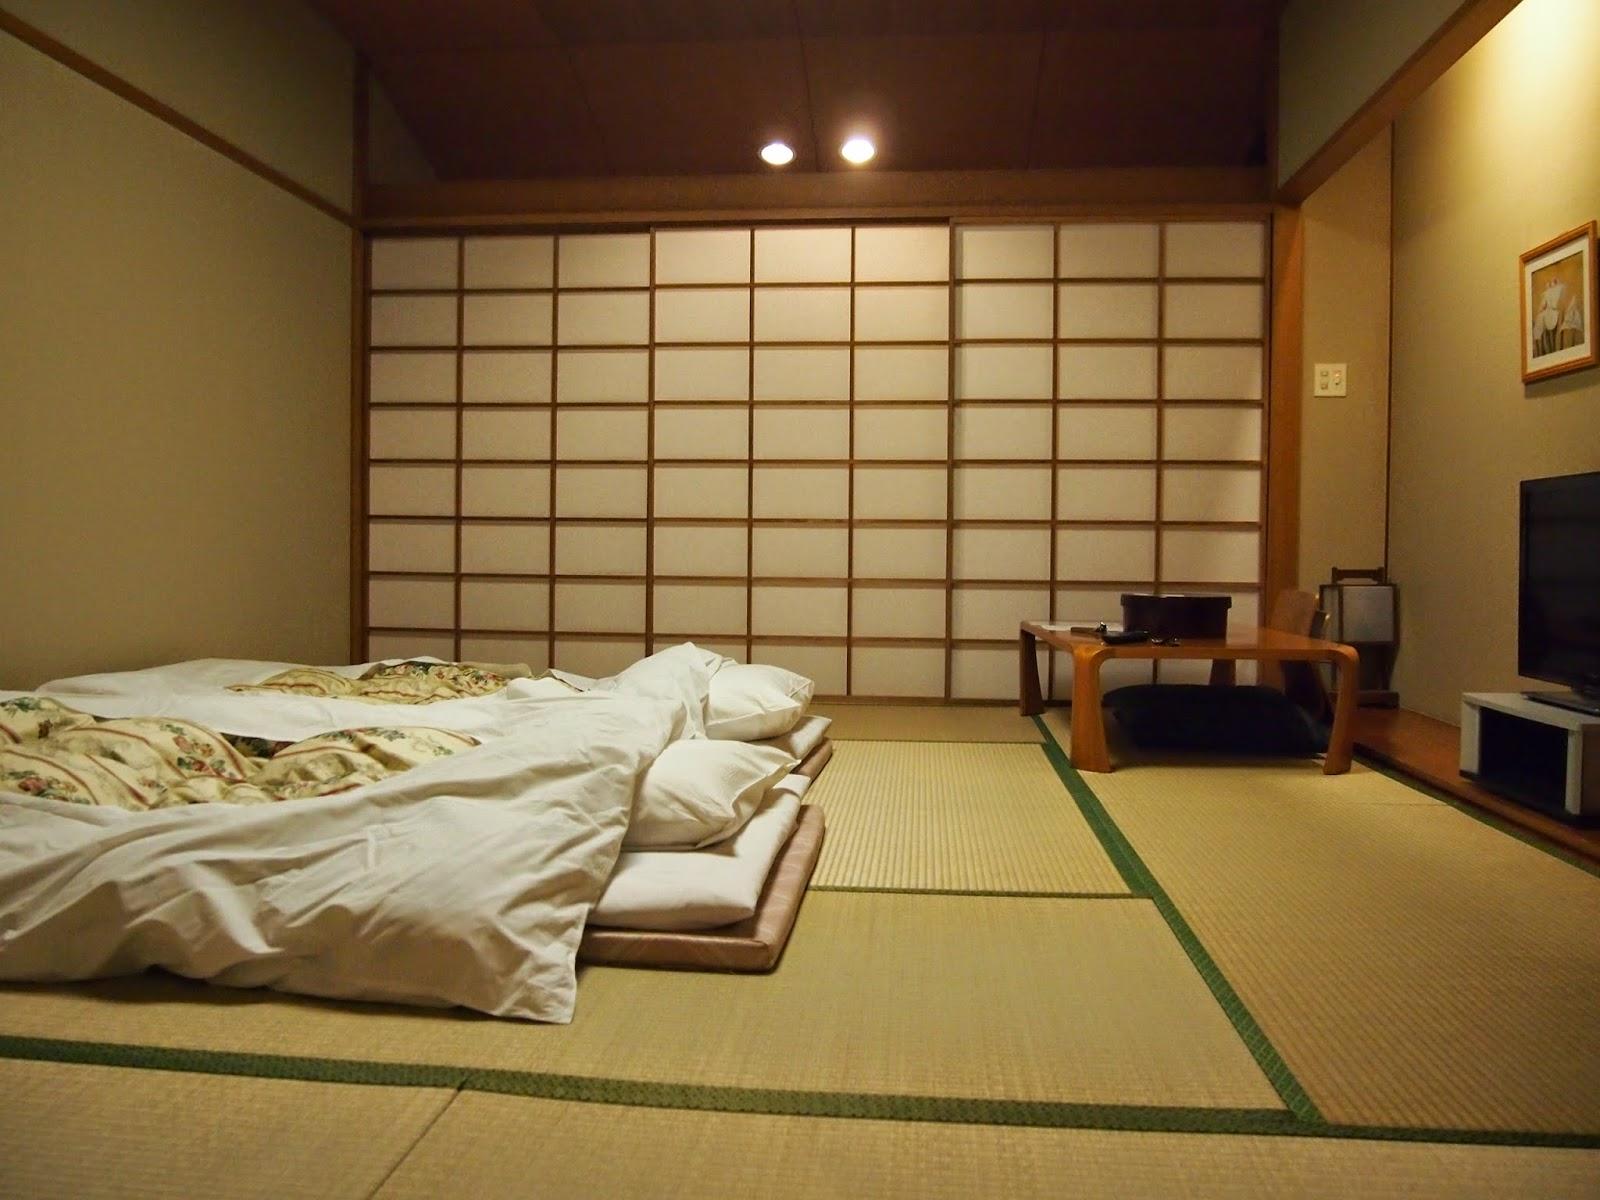 Циновка в спальне в японском стиле